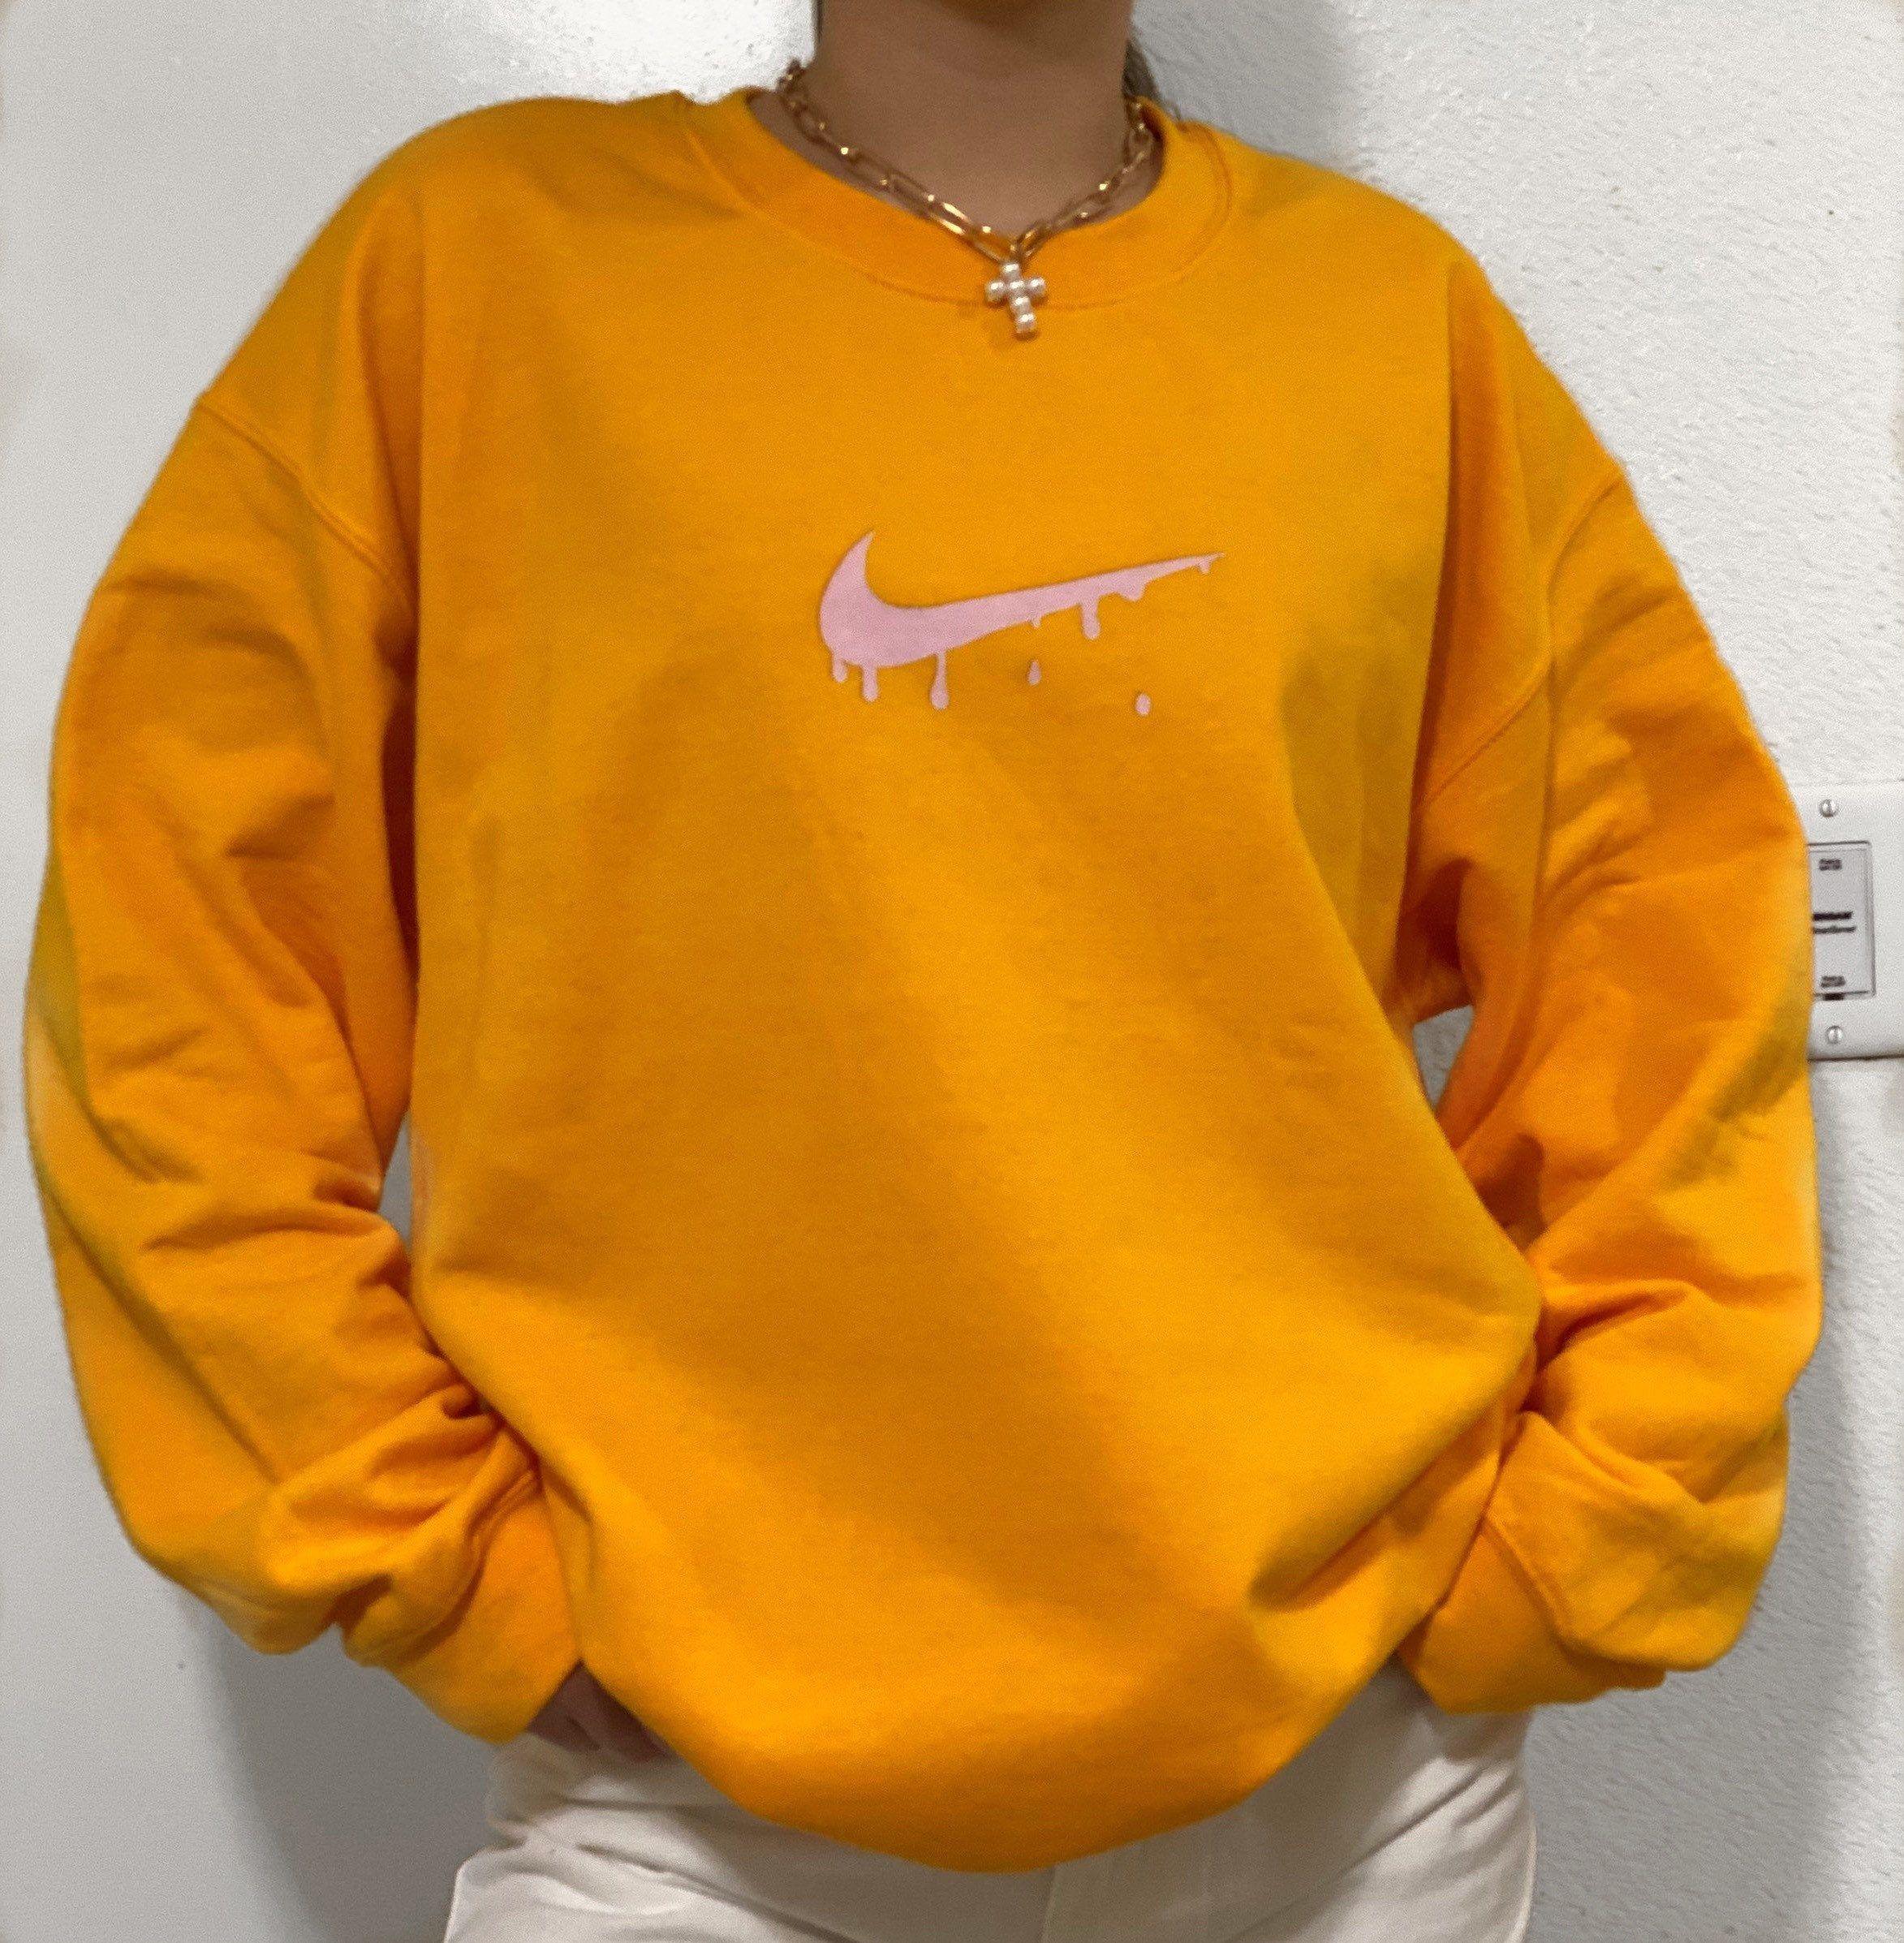 Pink Nike Drip Crewneck Oversized Crewneck Etsy Oversized Crewneck Soft Sweatshirts Warm Sweaters Outfits [ 2394 x 2346 Pixel ]